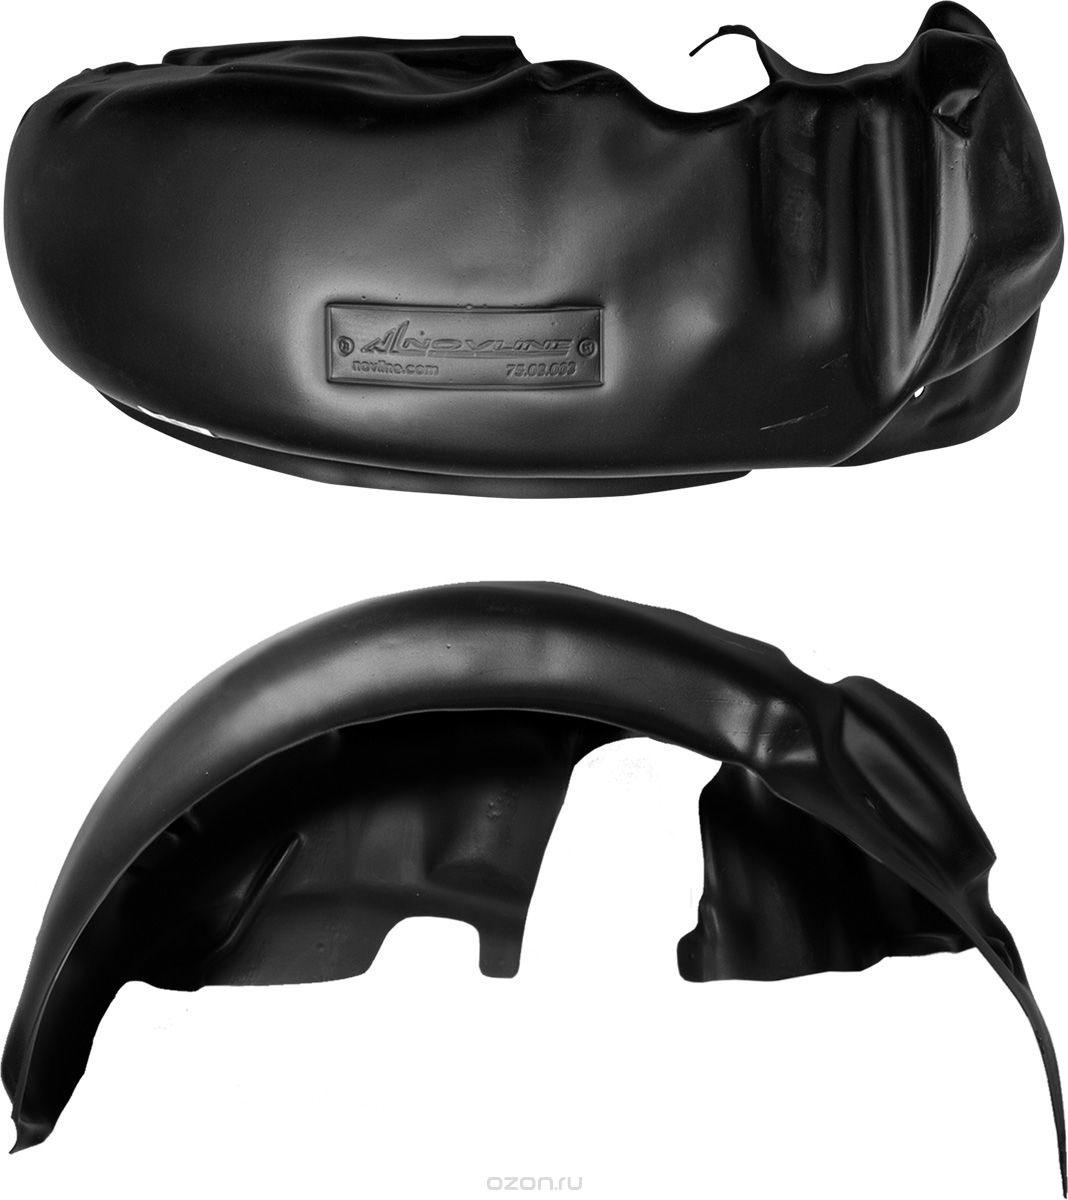 Подкрылок Novline-Autofamily, для GREAT WALL Hover M2, 2013->, задний левыйVCA-00Идеальная защита колесной ниши. Локеры разработаны с применением цифровых технологий, гарантируют максимальную повторяемость поверхности арки. Изделия устанавливаются без нарушения лакокрасочного покрытия автомобиля, каждый подкрылок комплектуется крепежом. Уважаемые клиенты, обращаем ваше внимание, что фотографии на подкрылки универсальные и не отражают реальную форму изделия. При этом само изделие идет точно под размер указанного автомобиля.